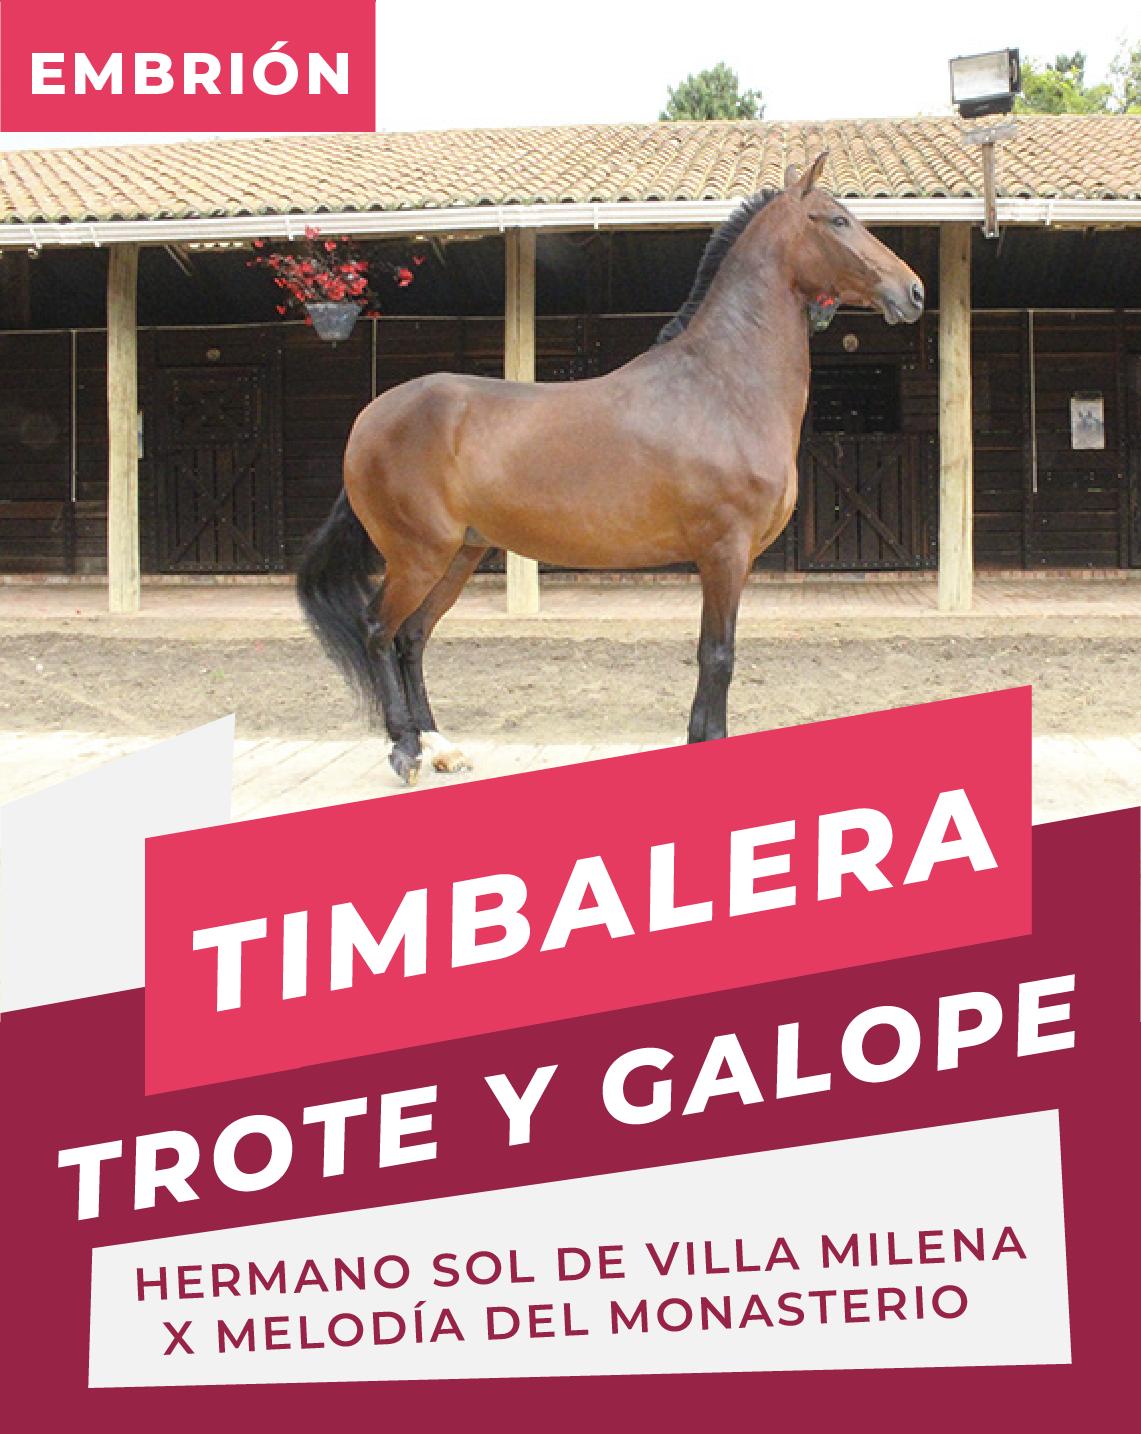 Timbalera ( Hemano Sol de villa milena x Melodia de monasterio)